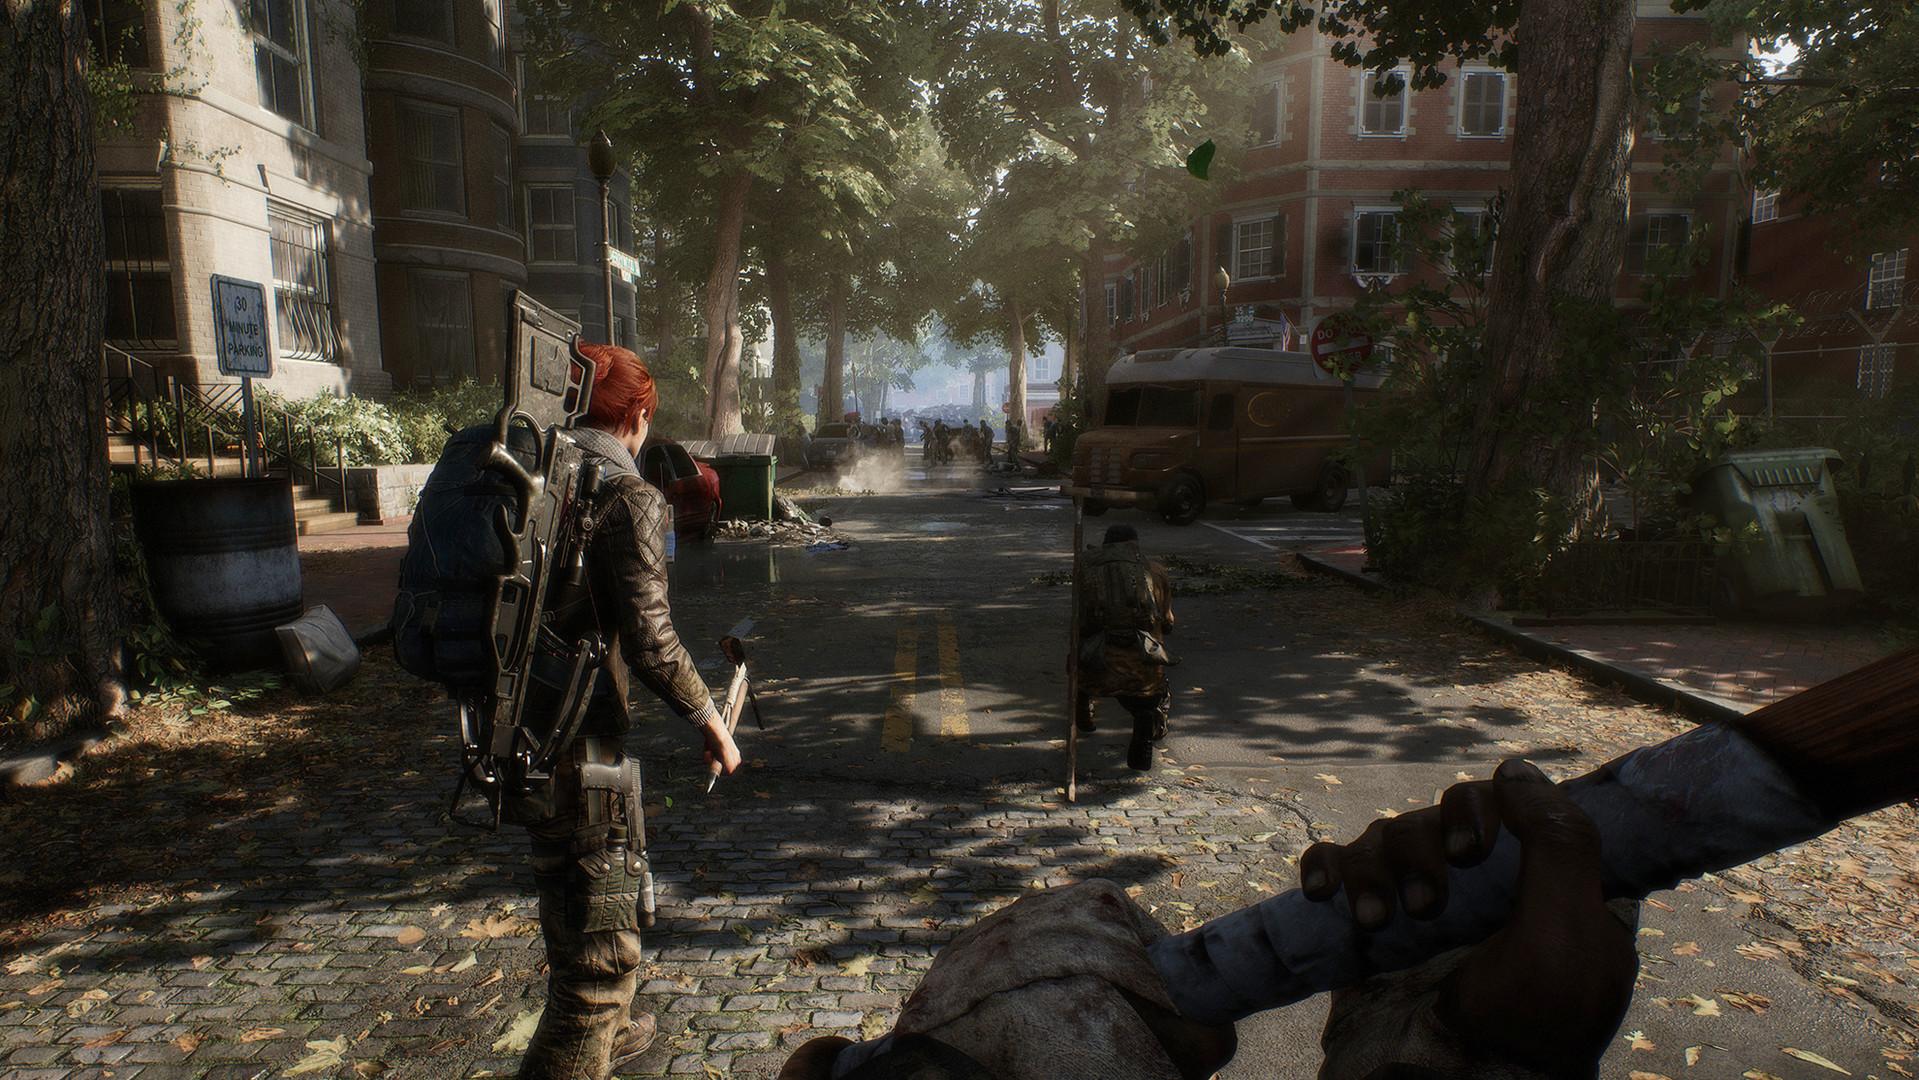 OVERKILL's The Walking Dead [PC PS4 XONE] Ss_e3967e326860bf011b94e59e861a3a11c066ad32.1920x1080